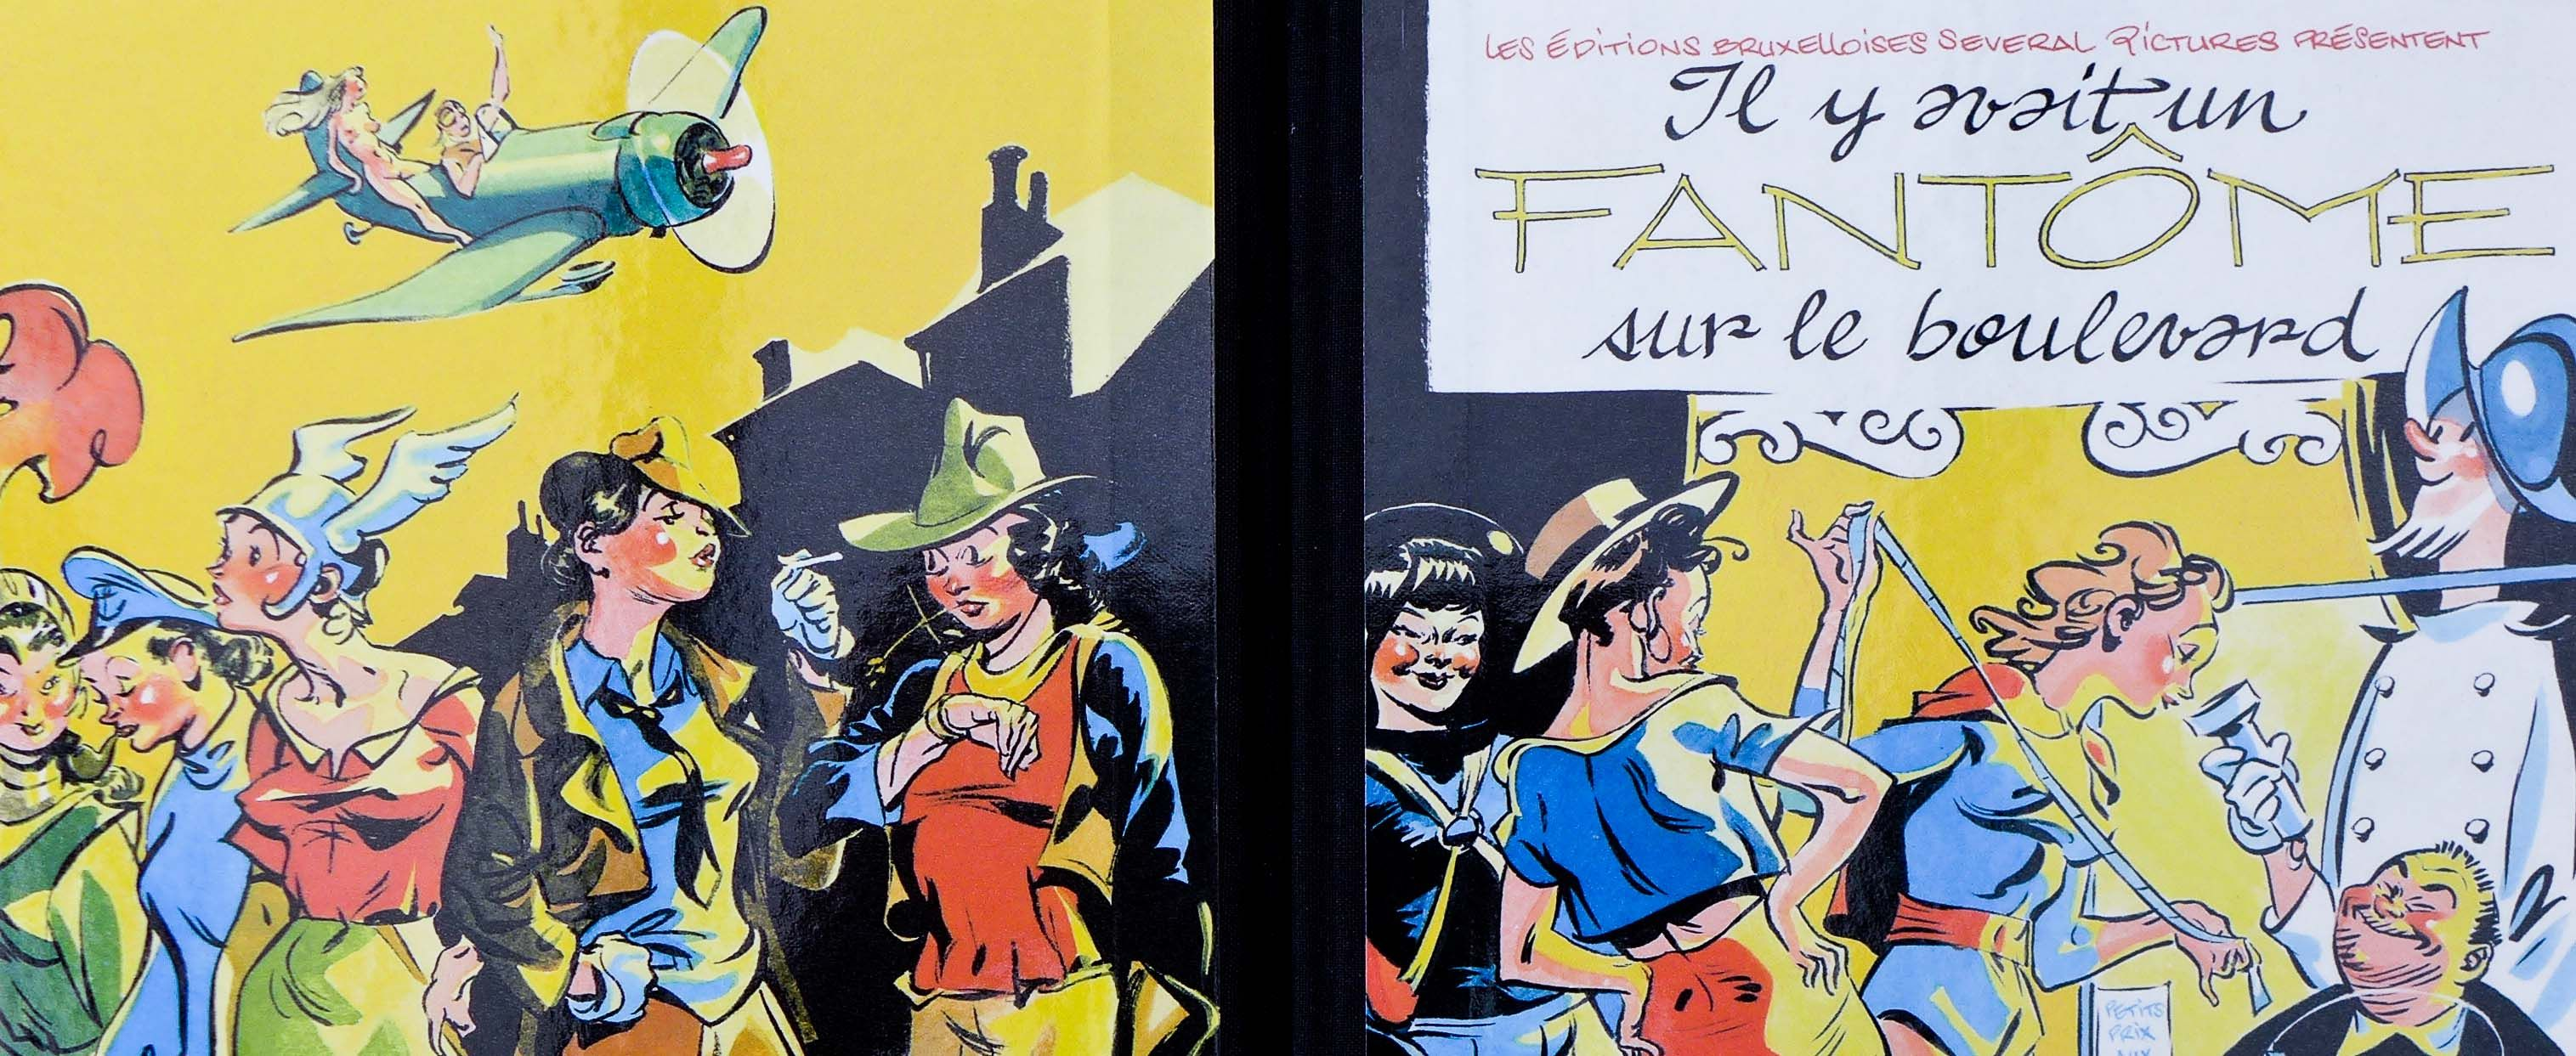 Alec SEVERIN et l'aventure du Fantôme Espagnol, librairie BD à Bruxelles